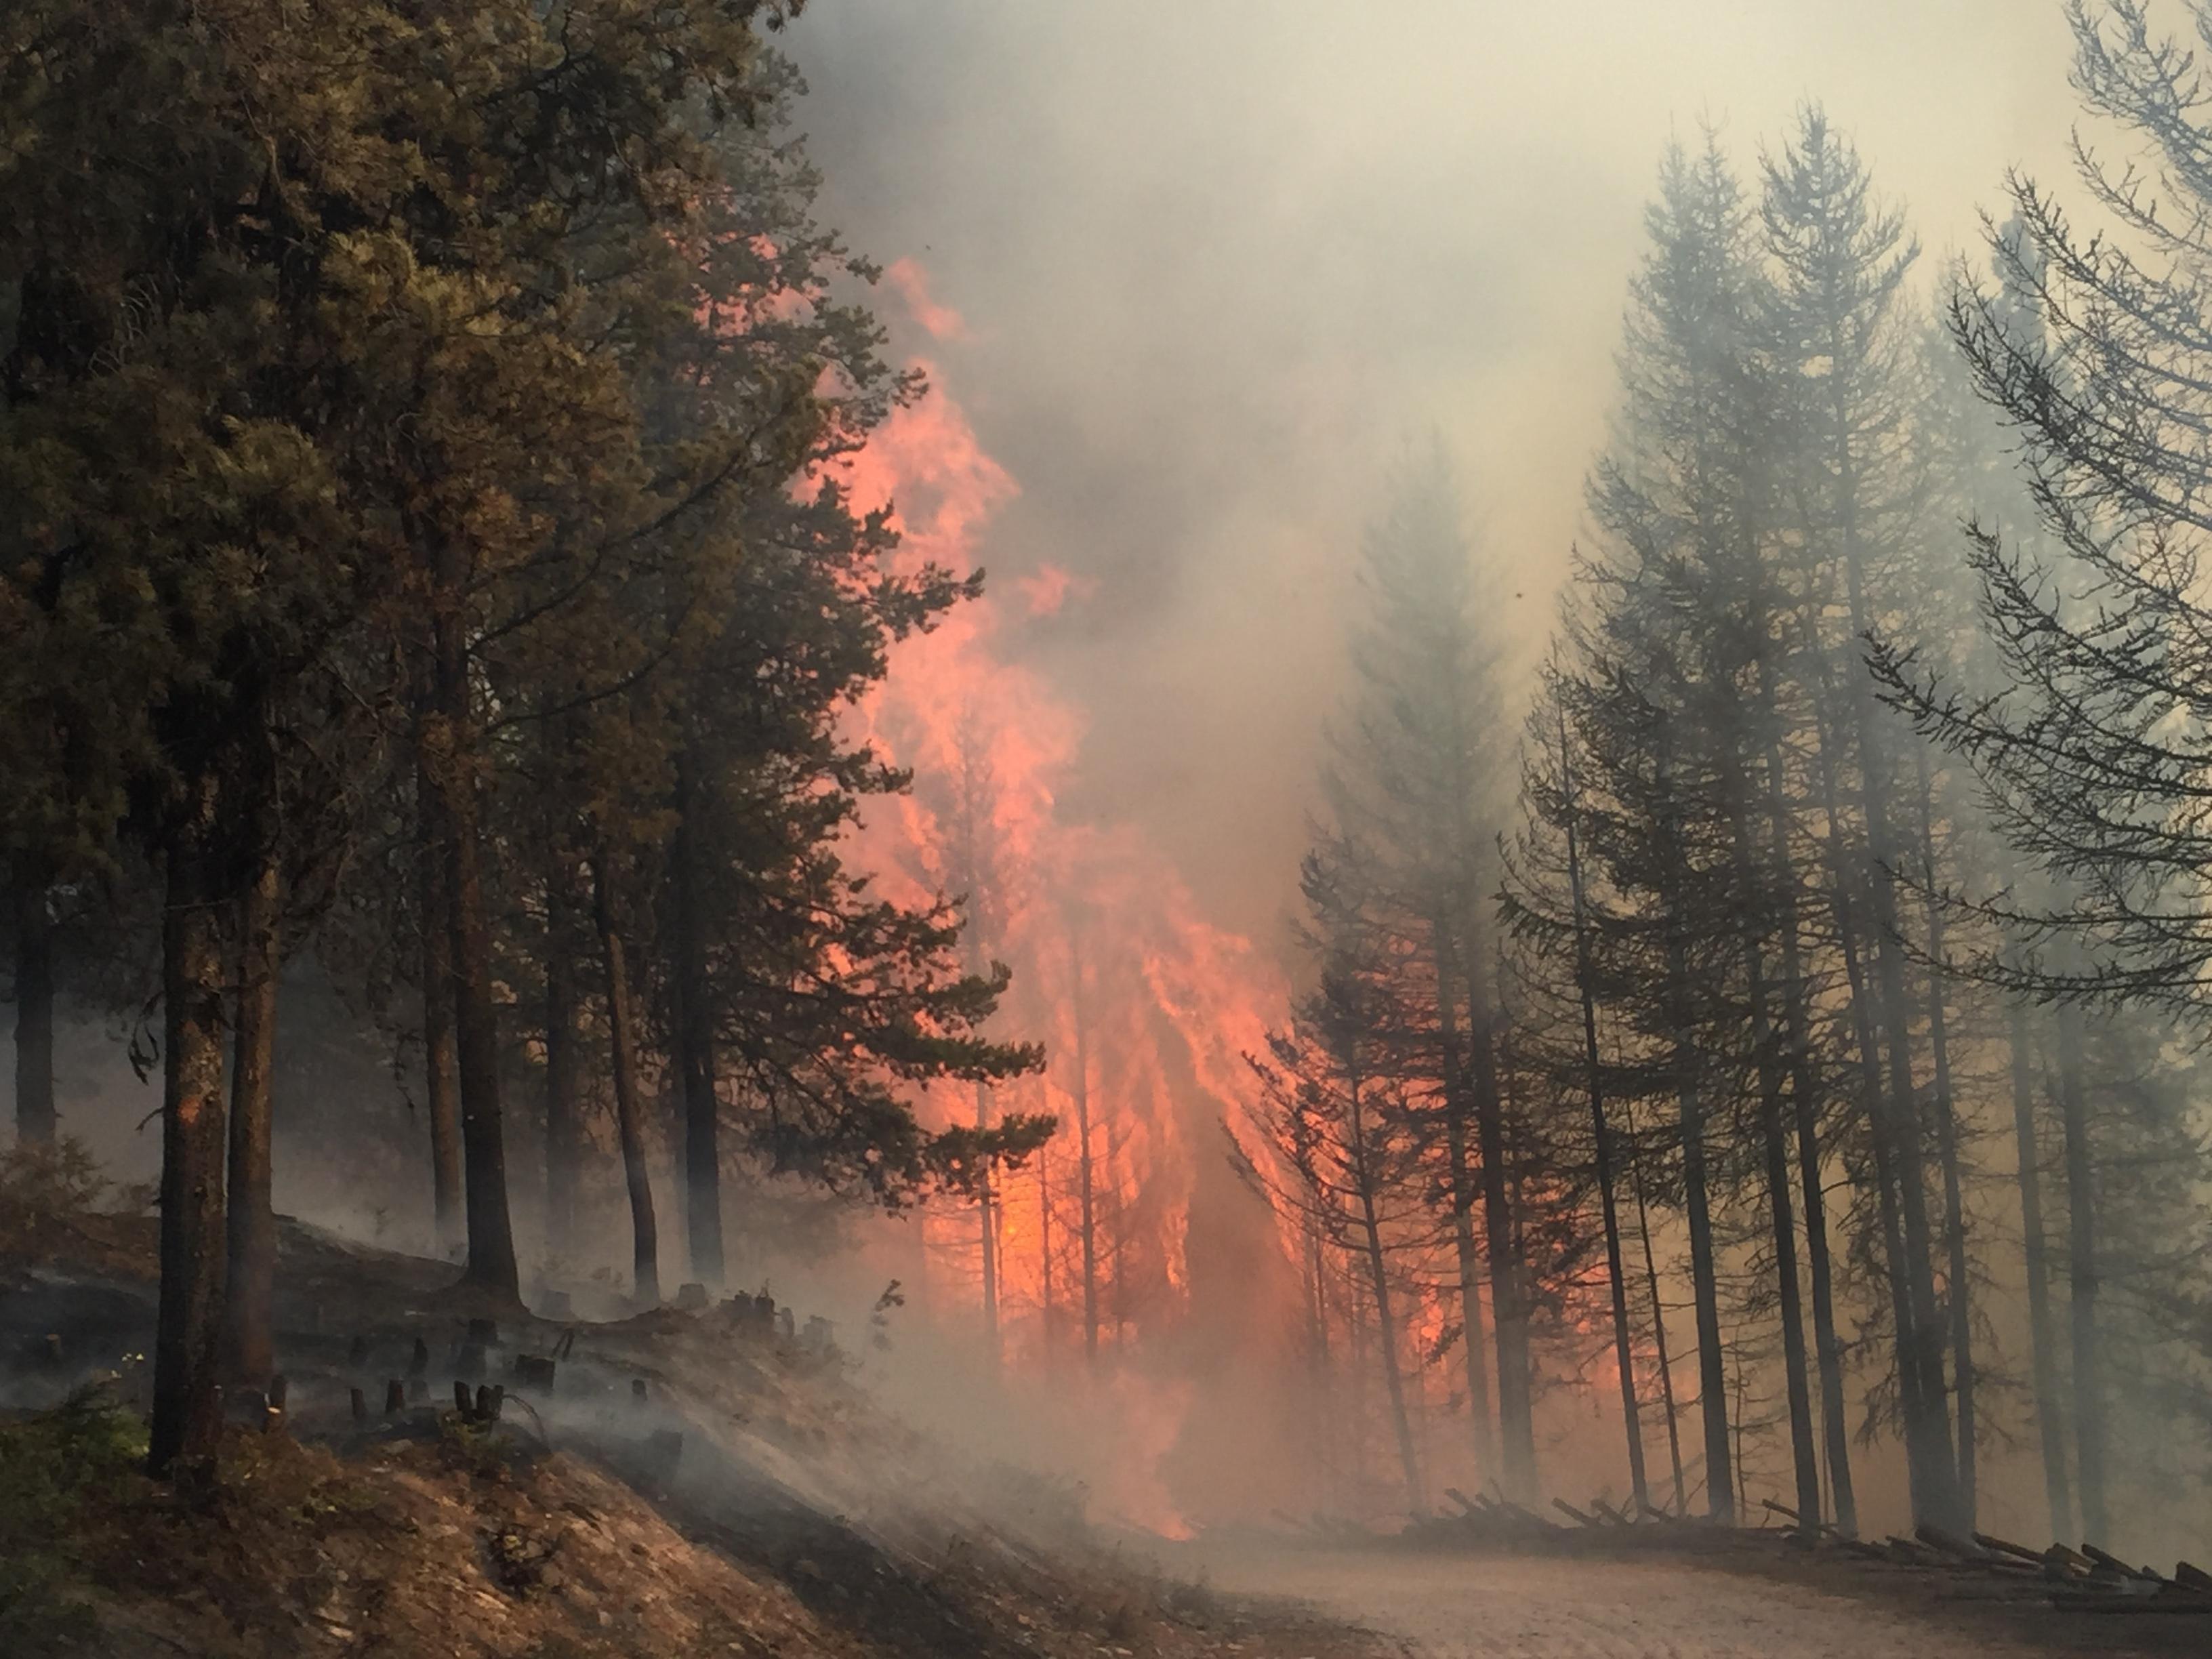 Rice Ridge Fire (inciweb.org photo)